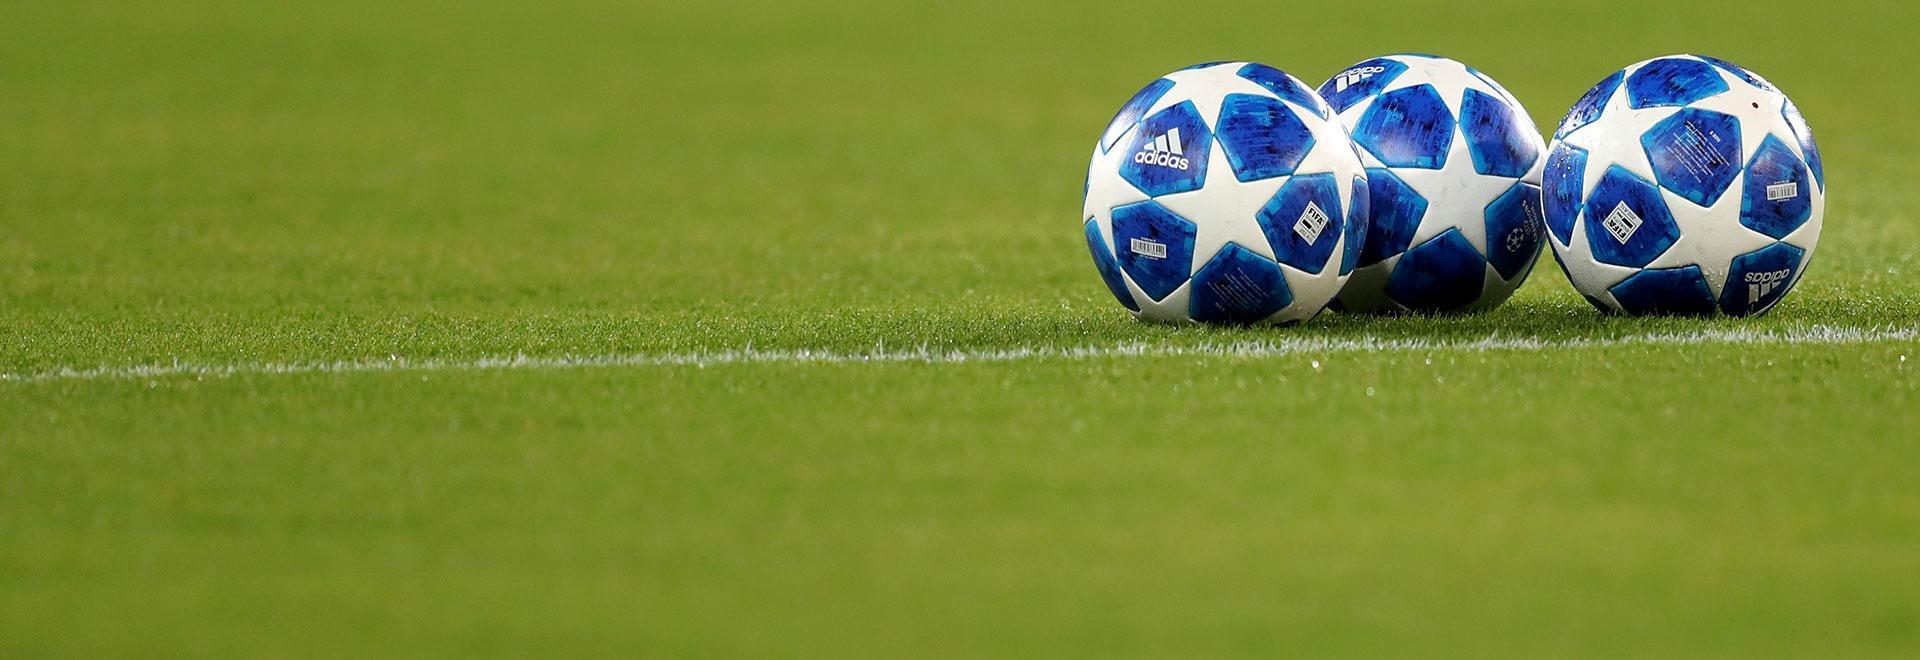 Juventus - Atletico M. 12/03/19. Ottavi. Ritorno